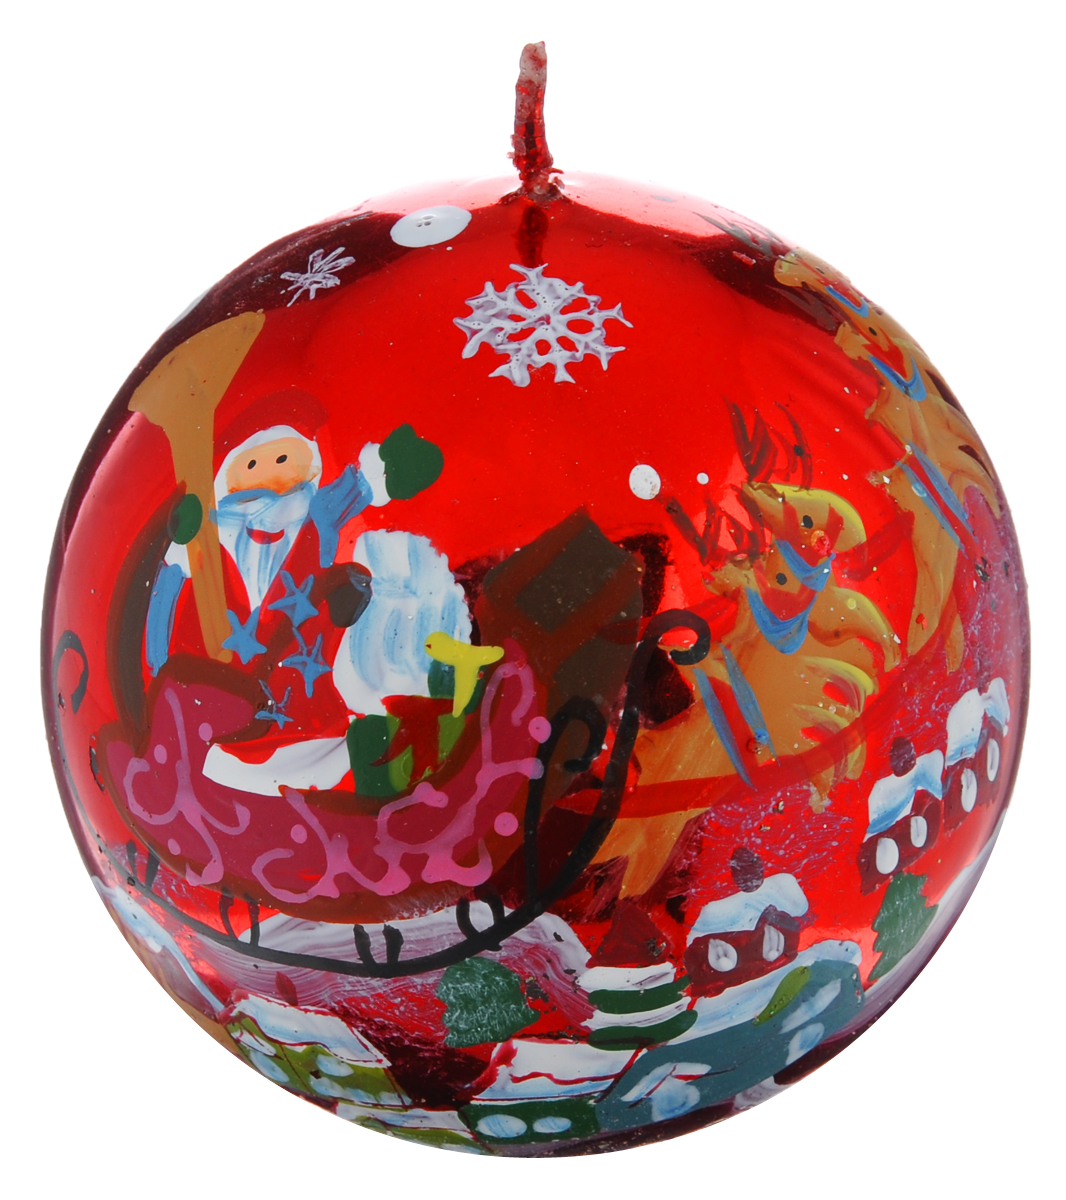 Свеча-шар Winter Wings Дед Мороз, диаметр 7,3 см849480Свеча Winter Wings Дед Мороз, изготовленная из парафина в форме шара, станет прекрасным украшением интерьера помещения в преддверии Нового года. Свеча имеет глянцевое покрытие с красивым новогодним рисунком. Такая свеча создаст атмосферу таинственности и загадочности и наполнит дом волшебством и ощущением праздника. Хороший сувенир для друзей и близких.